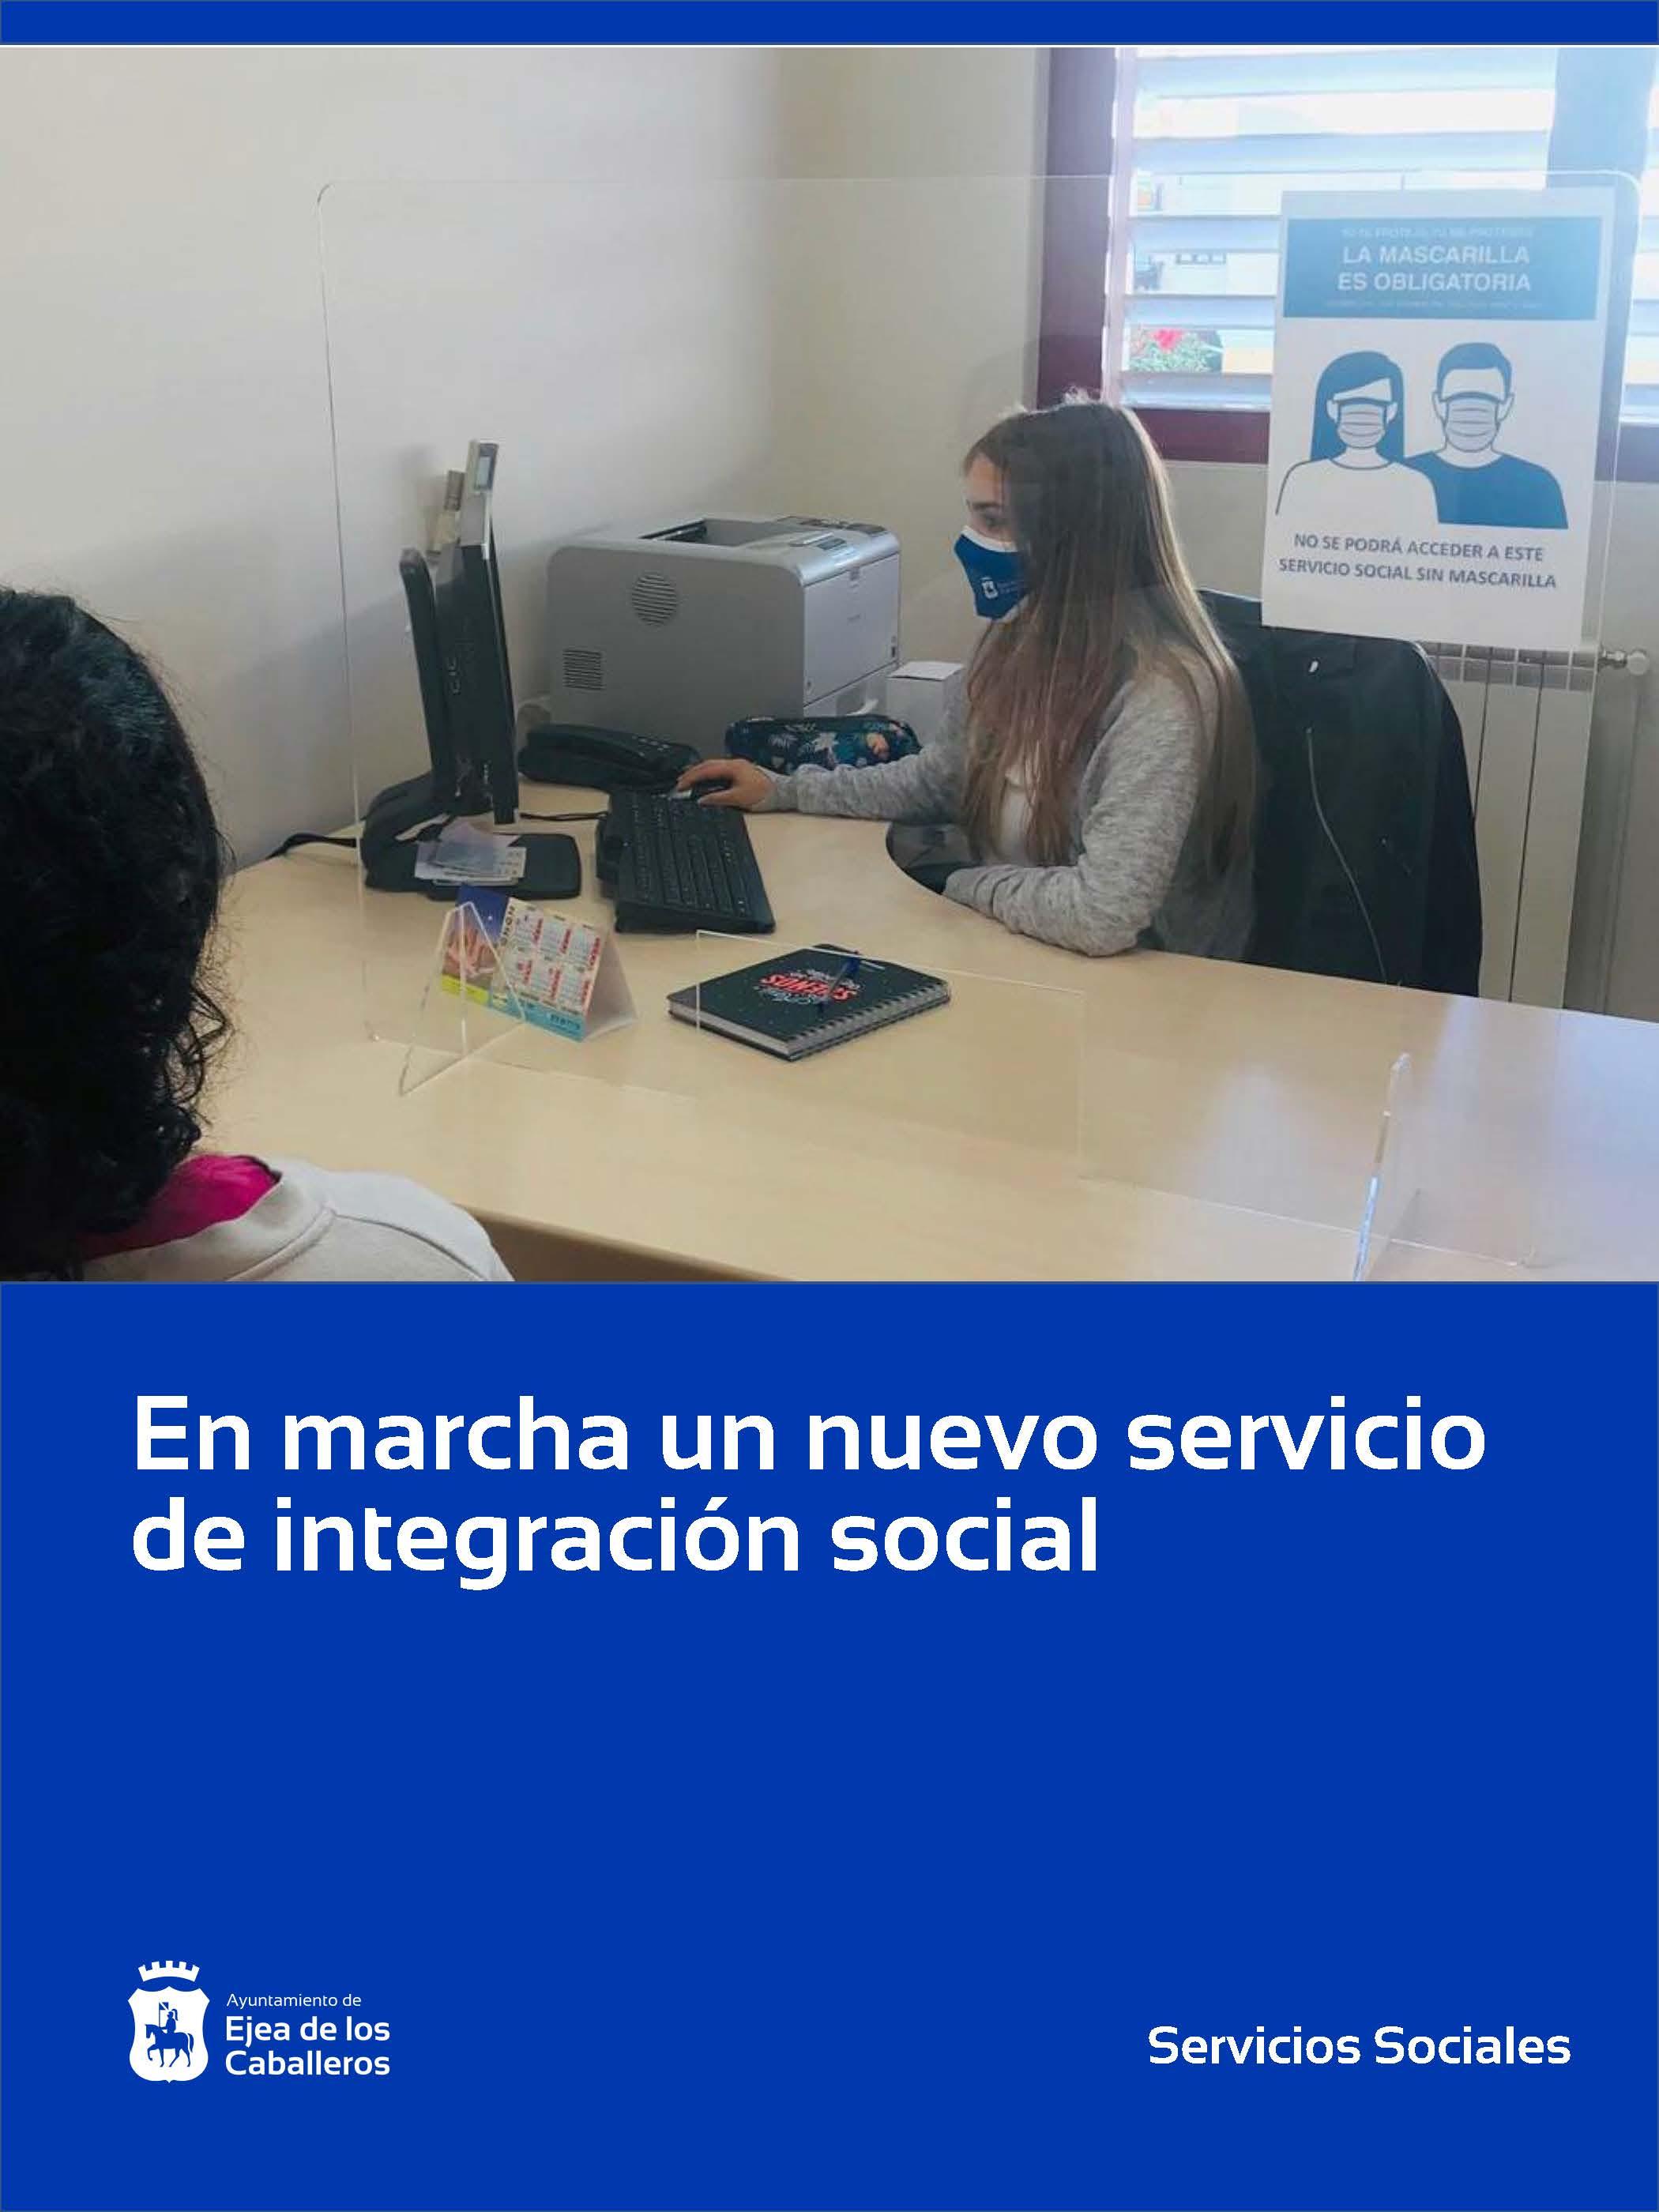 Ejea pone en marcha la figura del Integrador Social